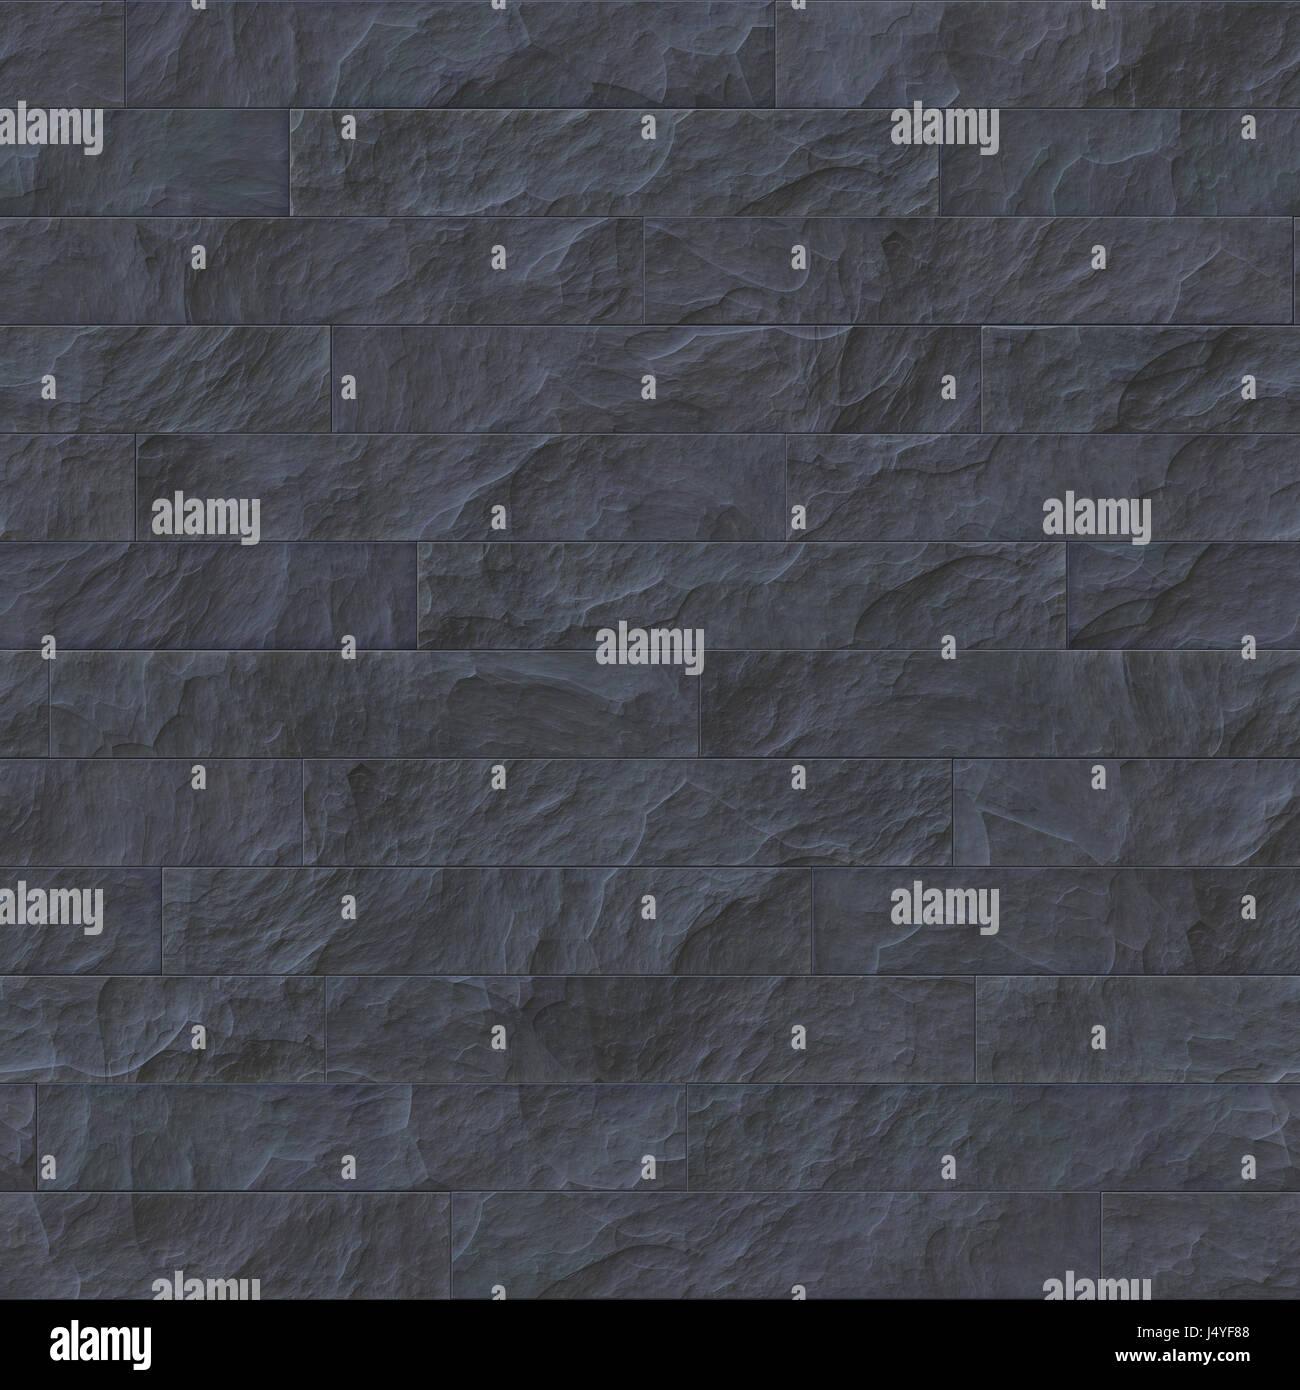 . Seamless dark stone brick texture illustration Stock Photo